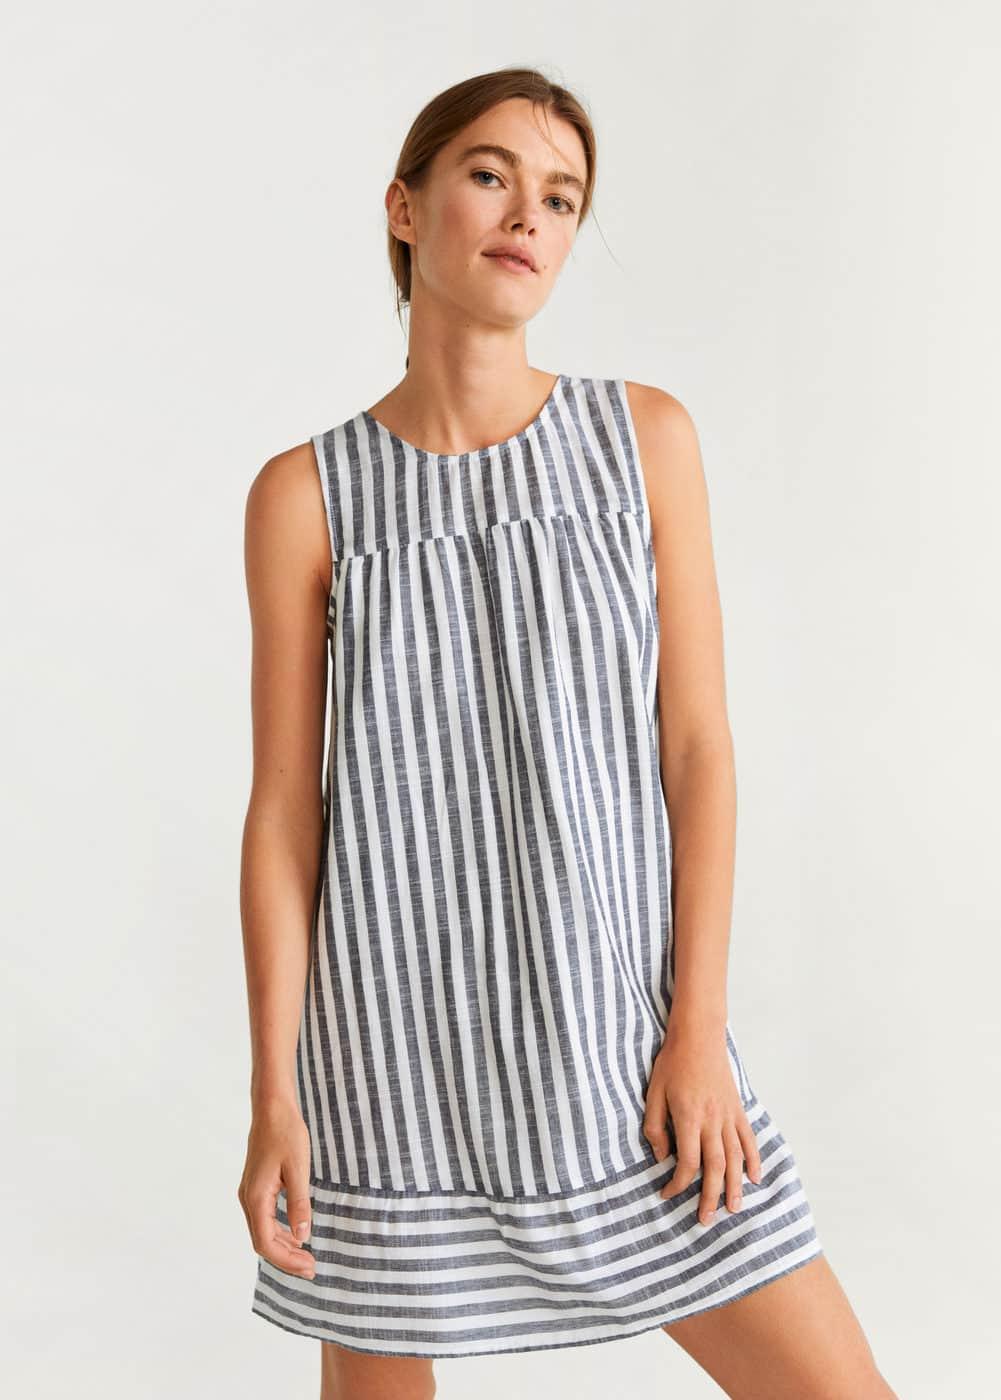 m-monet-h:vestido algodon rayas